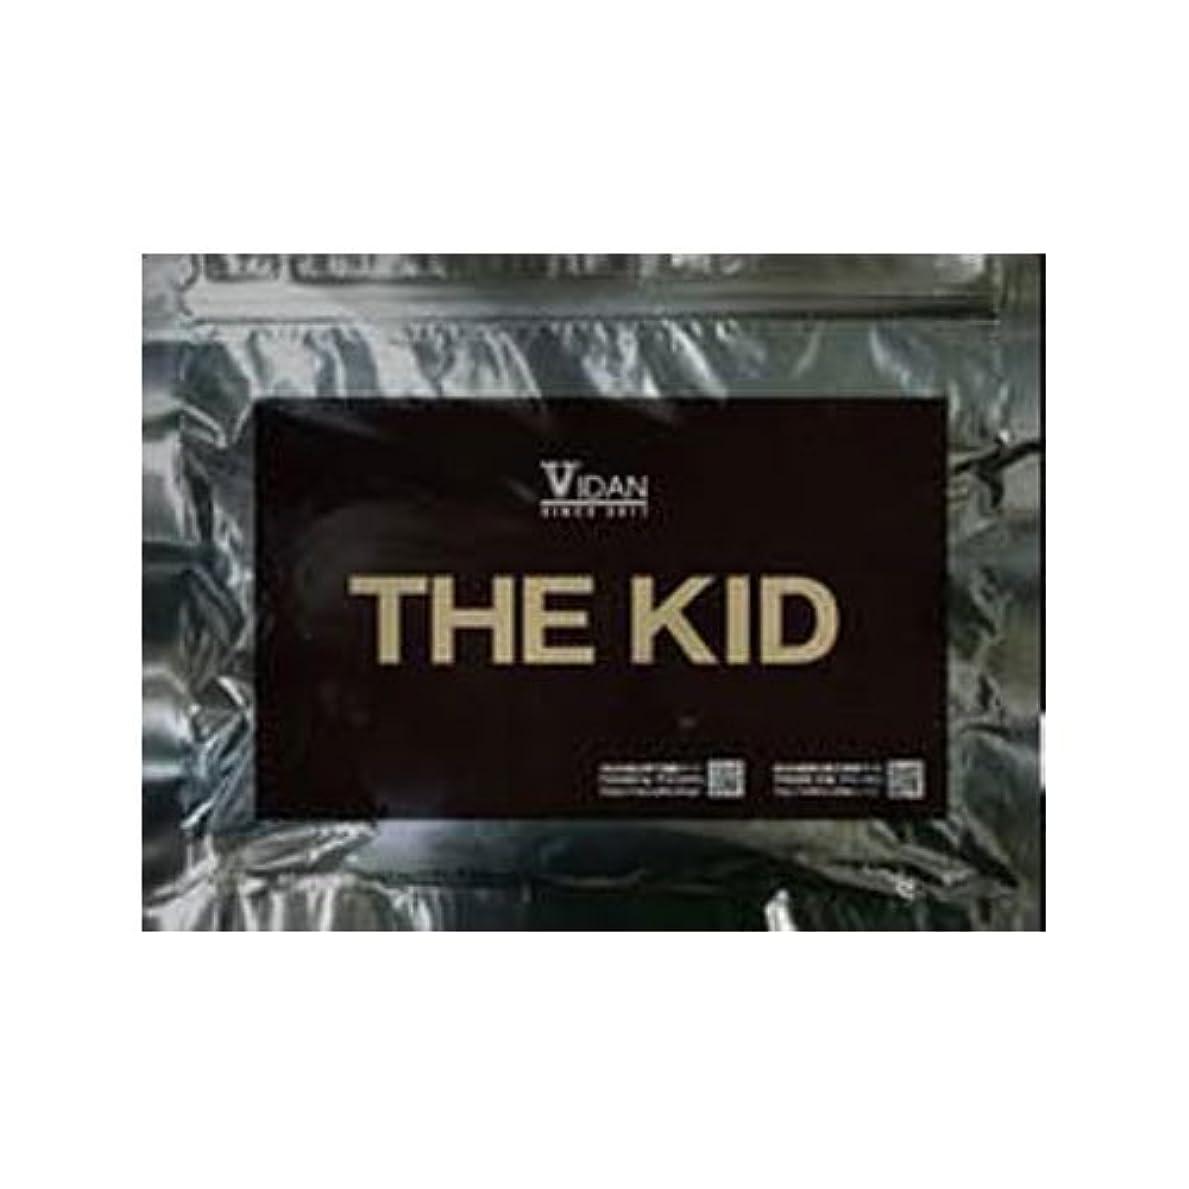 端末ヘッドレス懐疑論:ビダンザキッド VIDAN THE KID 20枚入り